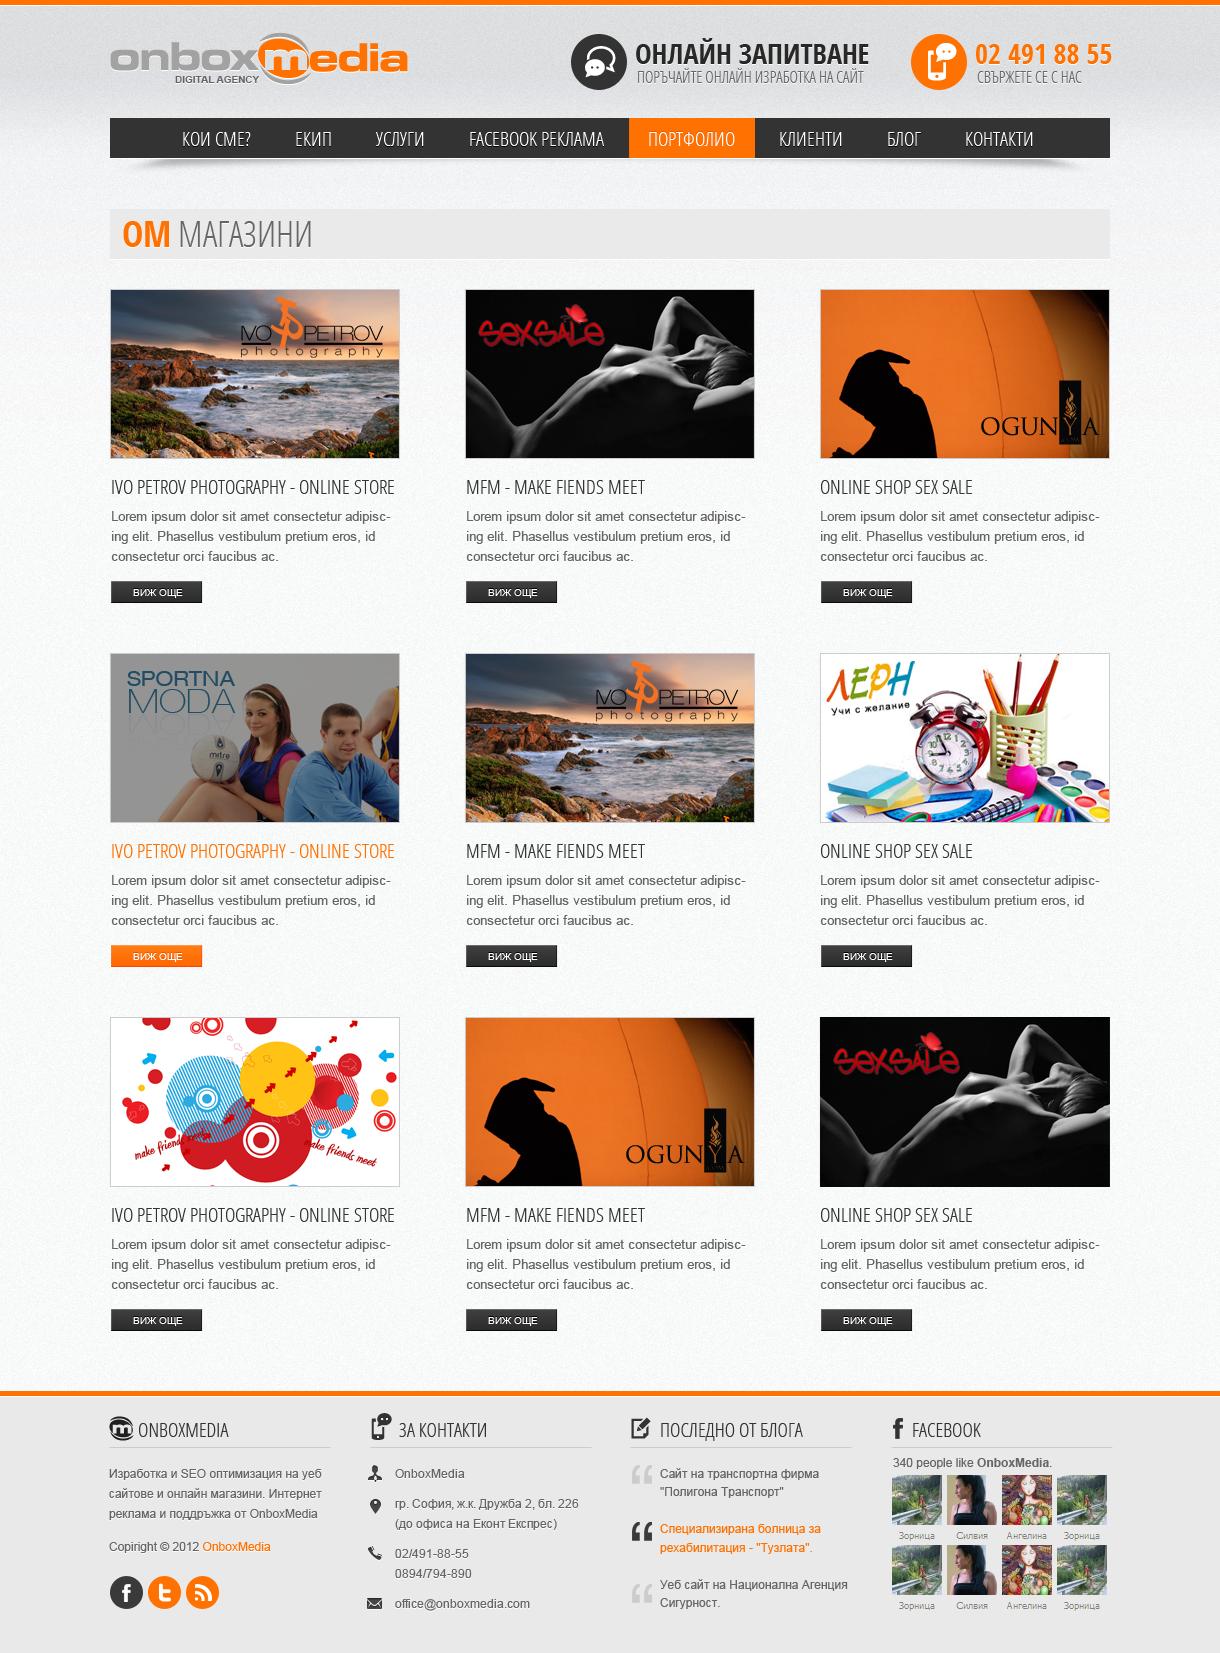 onboxmedia_portfolio